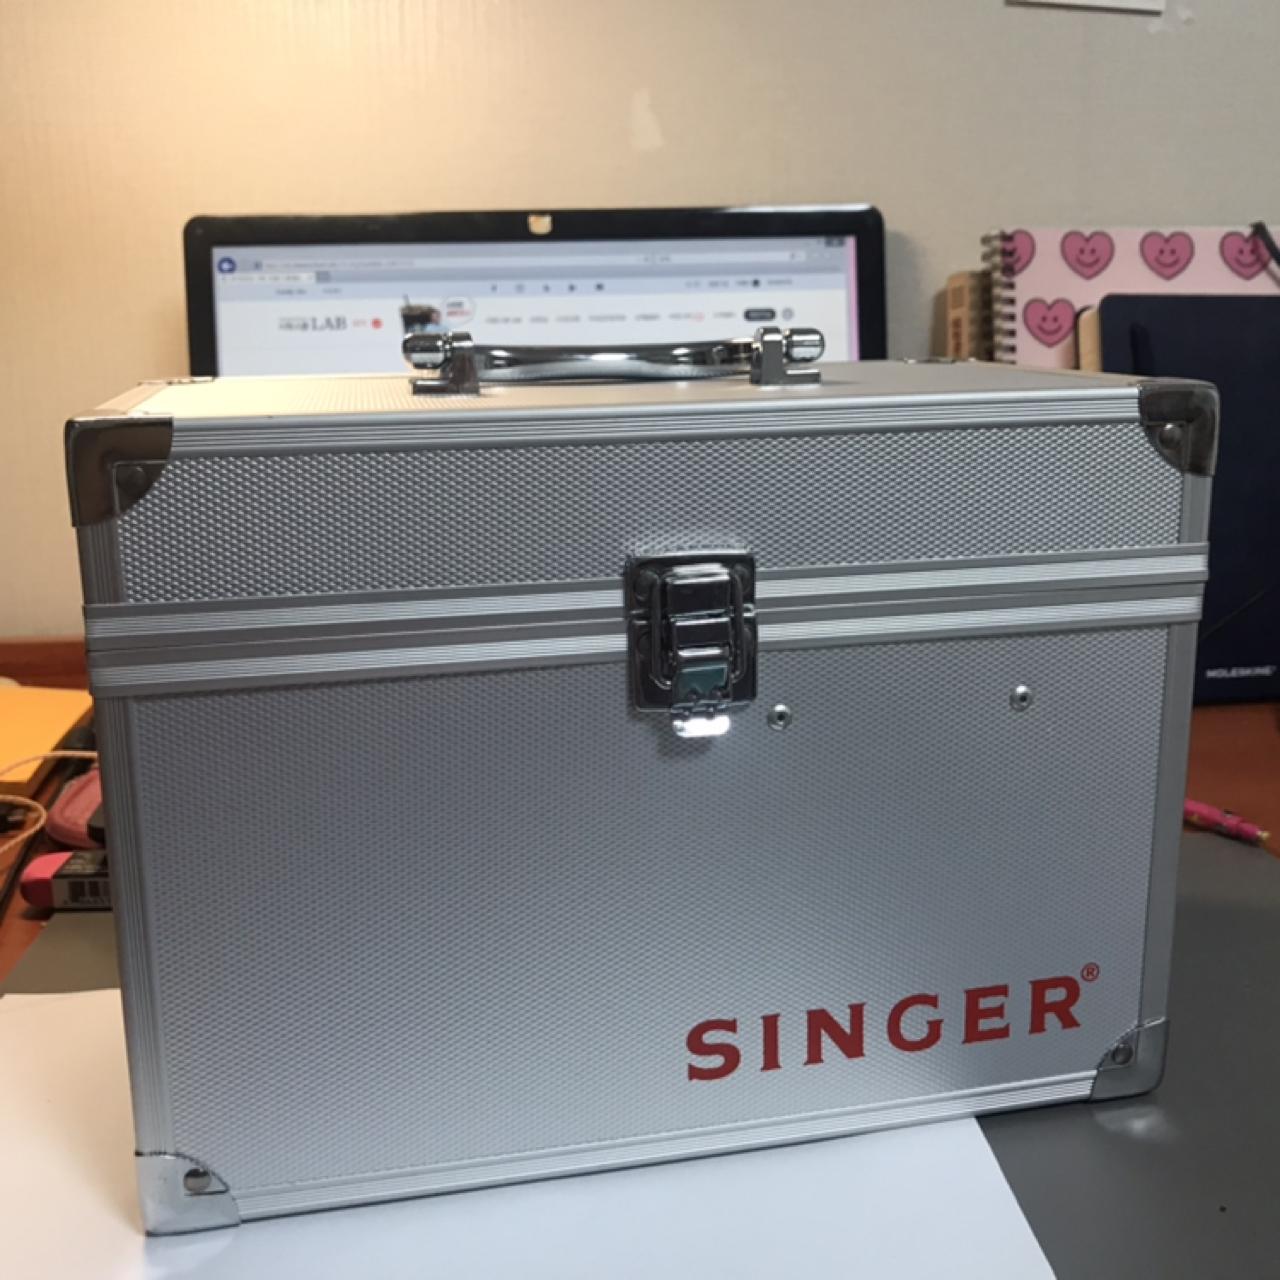 singer 공구 박스